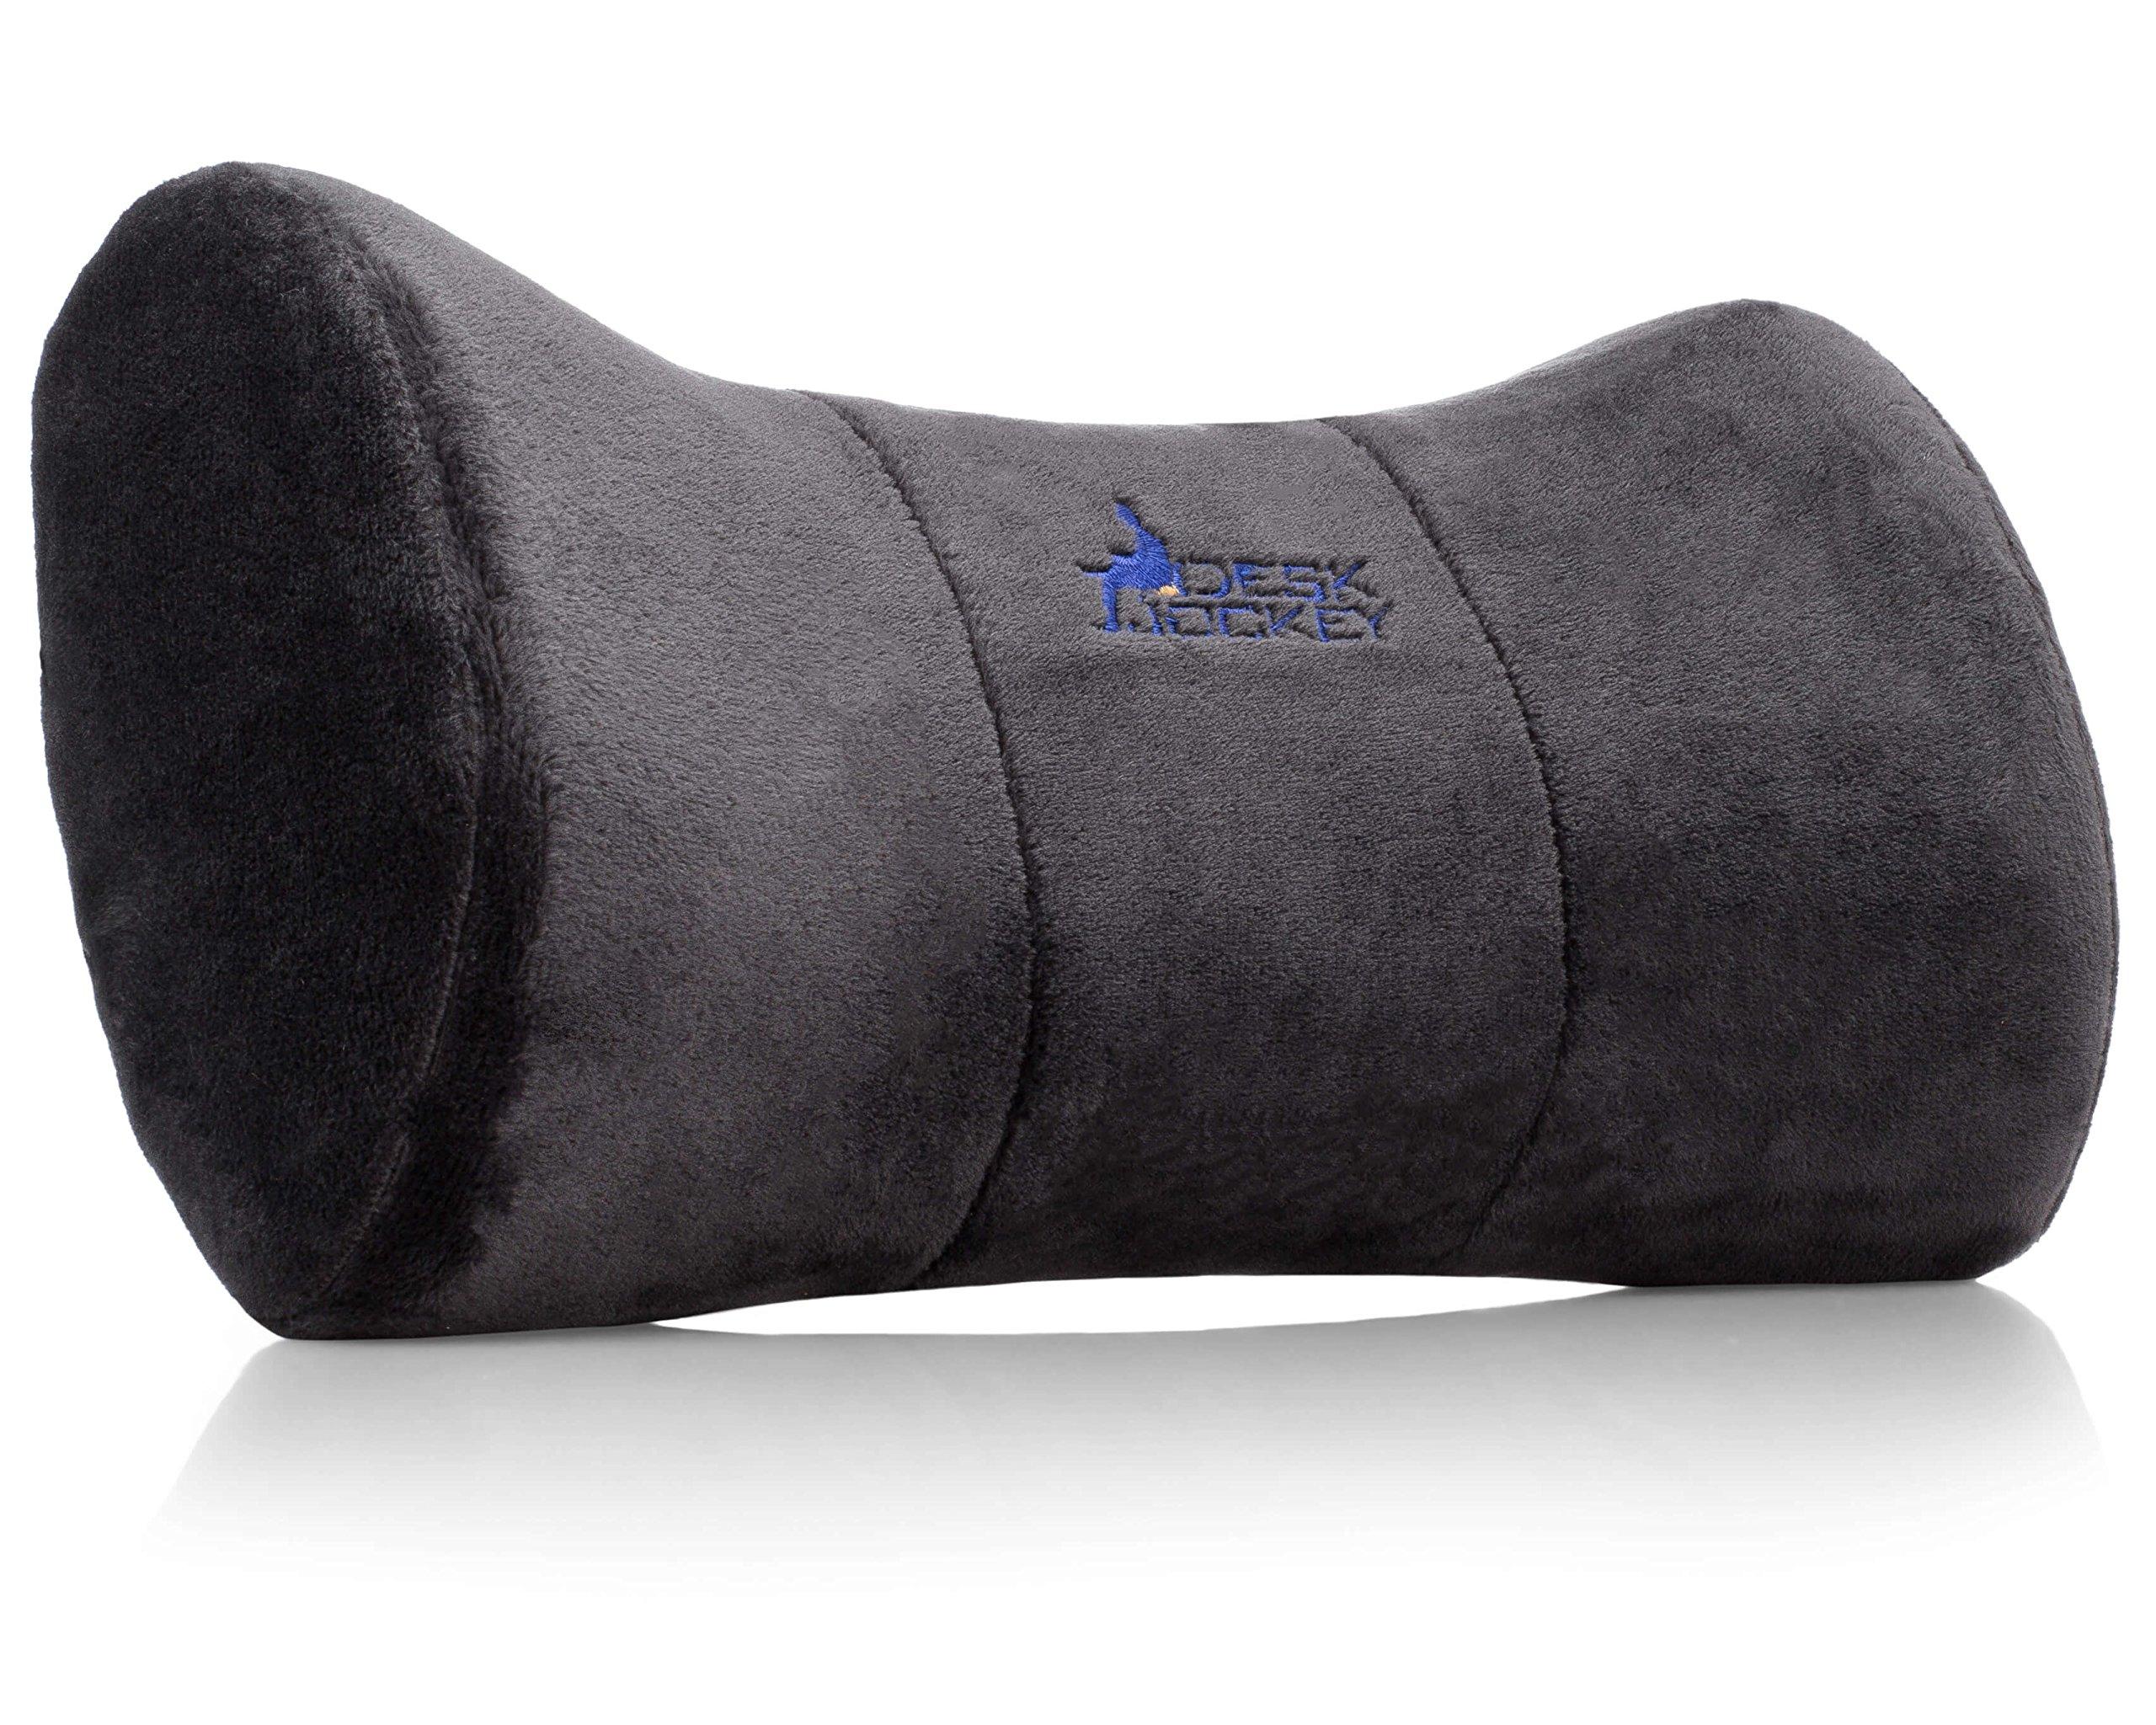 Neck Pillow Headrest Support Cushion